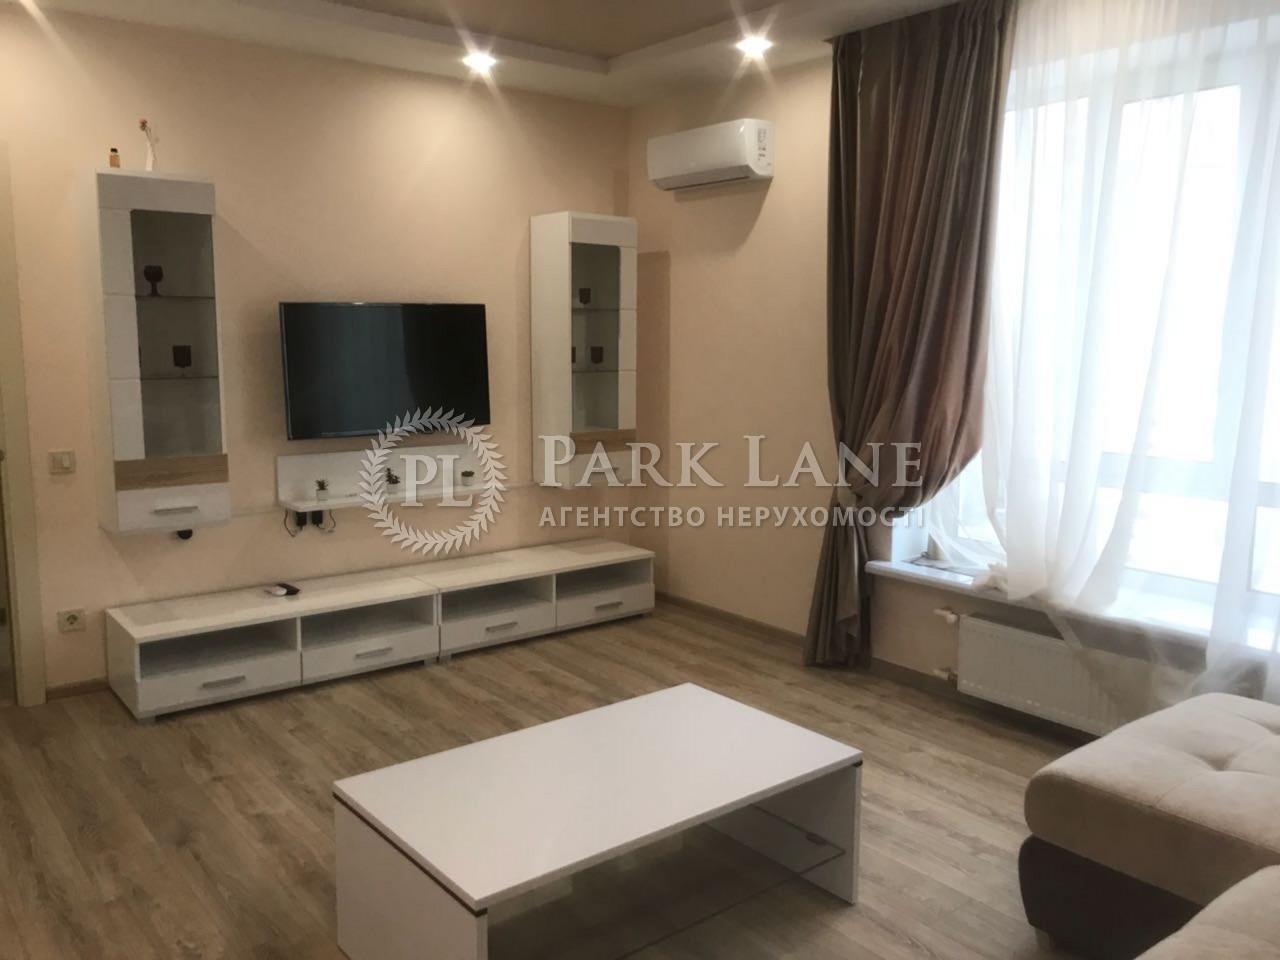 Квартира ул. Леси Украинки, 12, Святопетровское (Петровское), I-28460 - Фото 4